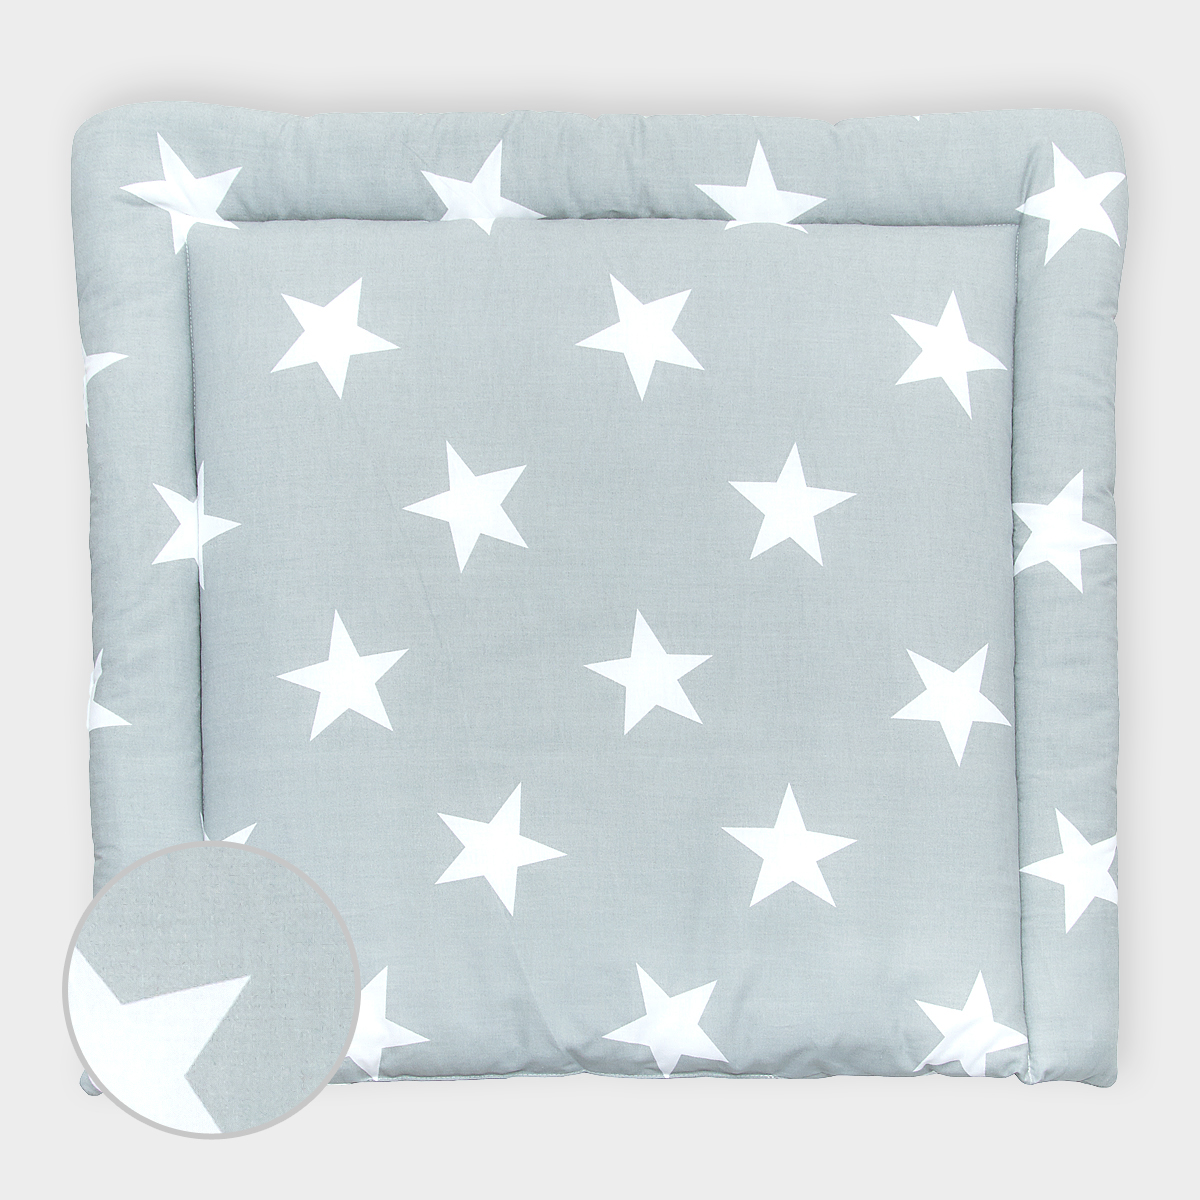 KraftKids Wickelauflage große weiße Sterne auf Grau breit 75 x tief 70 cm